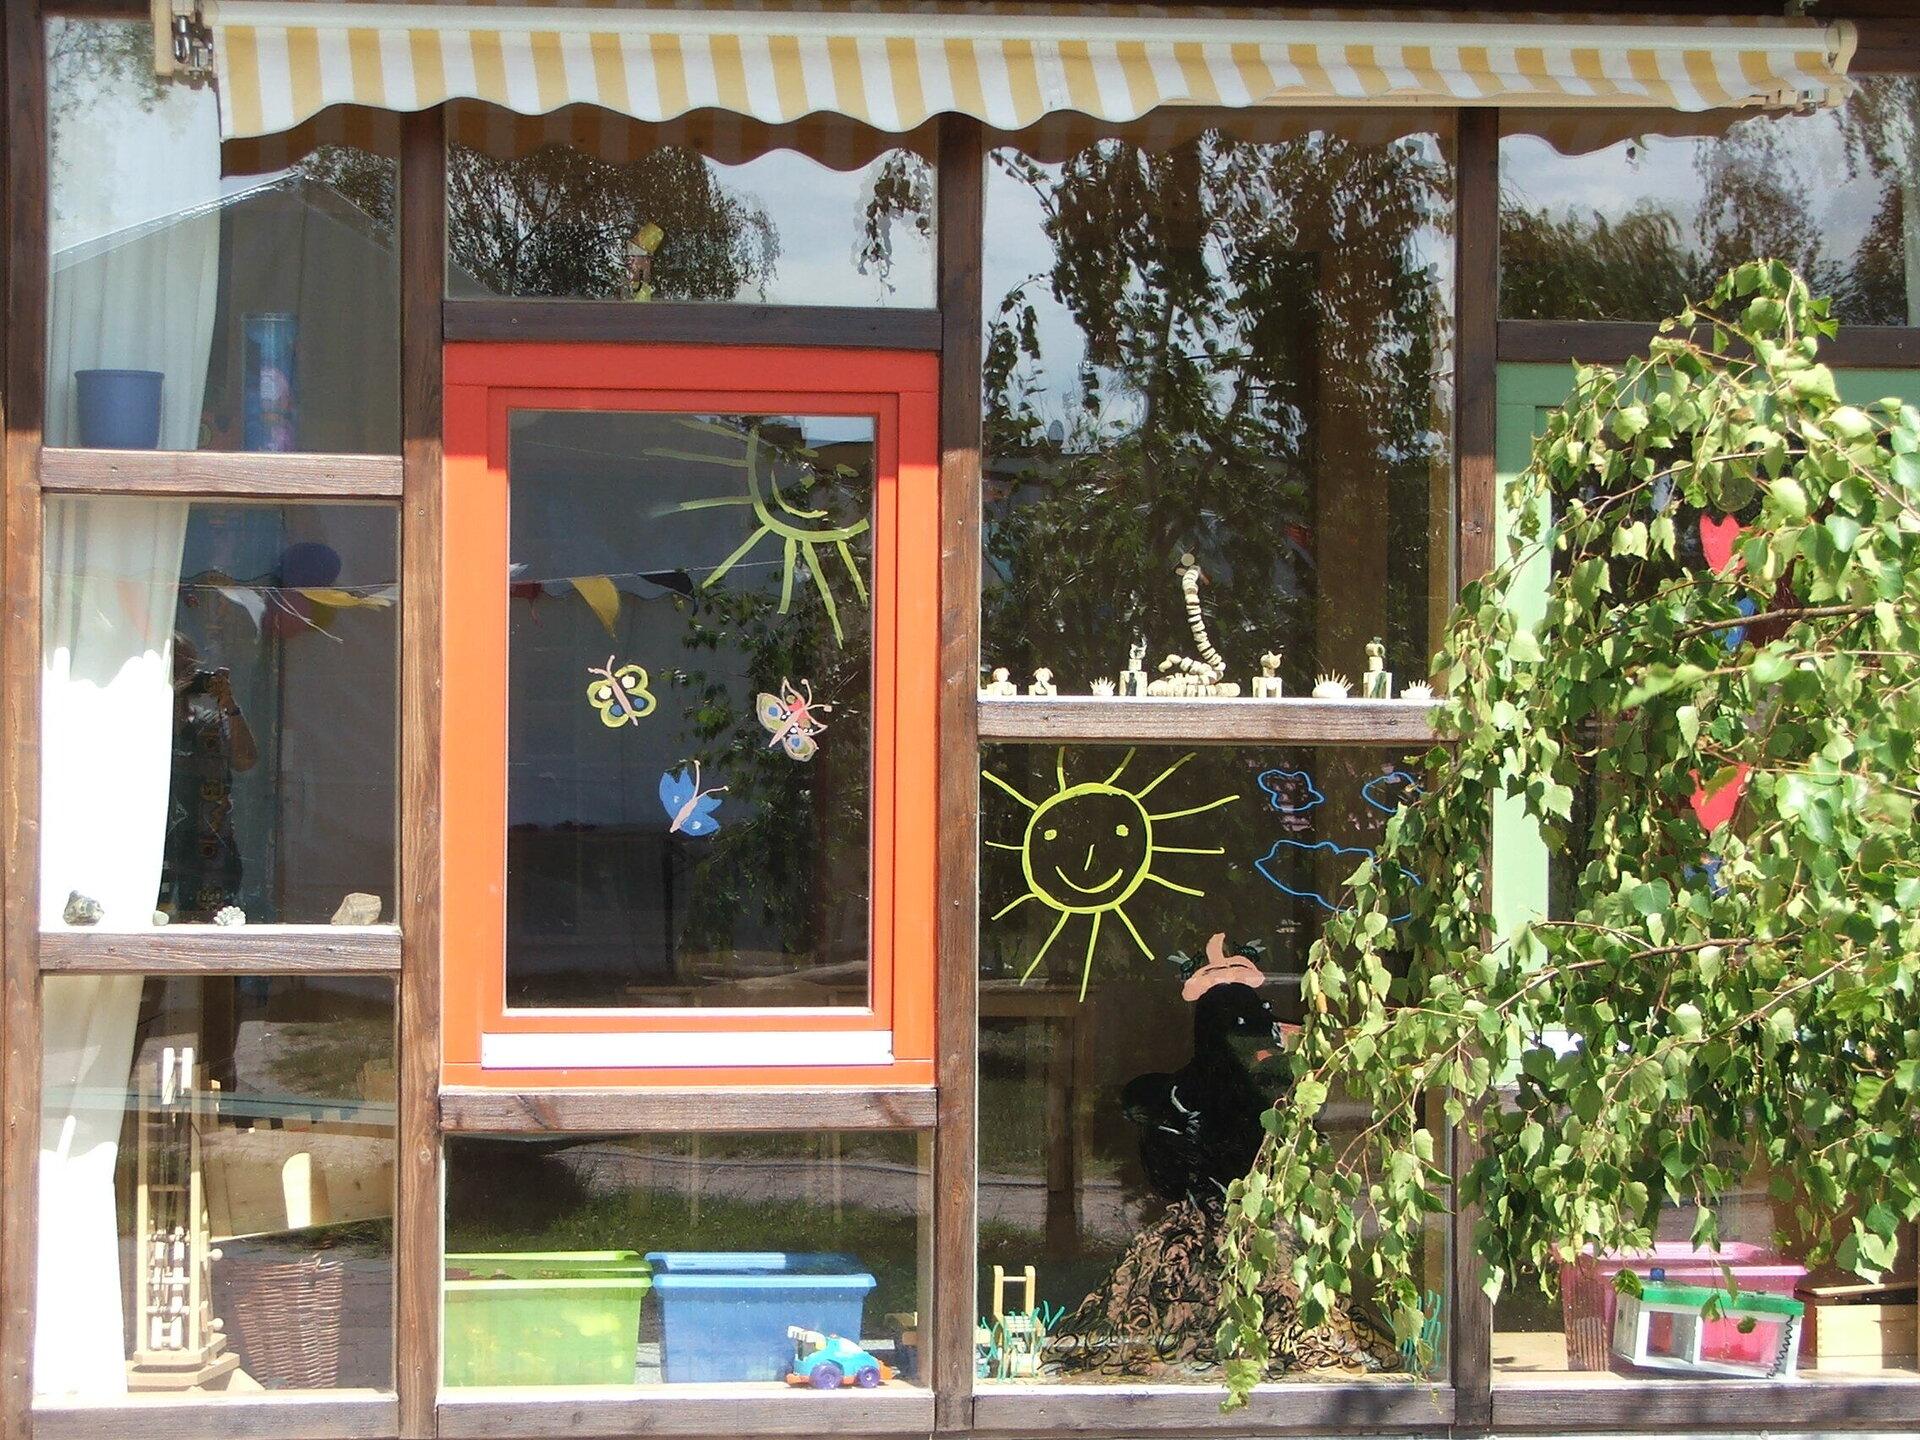 Kitafenster